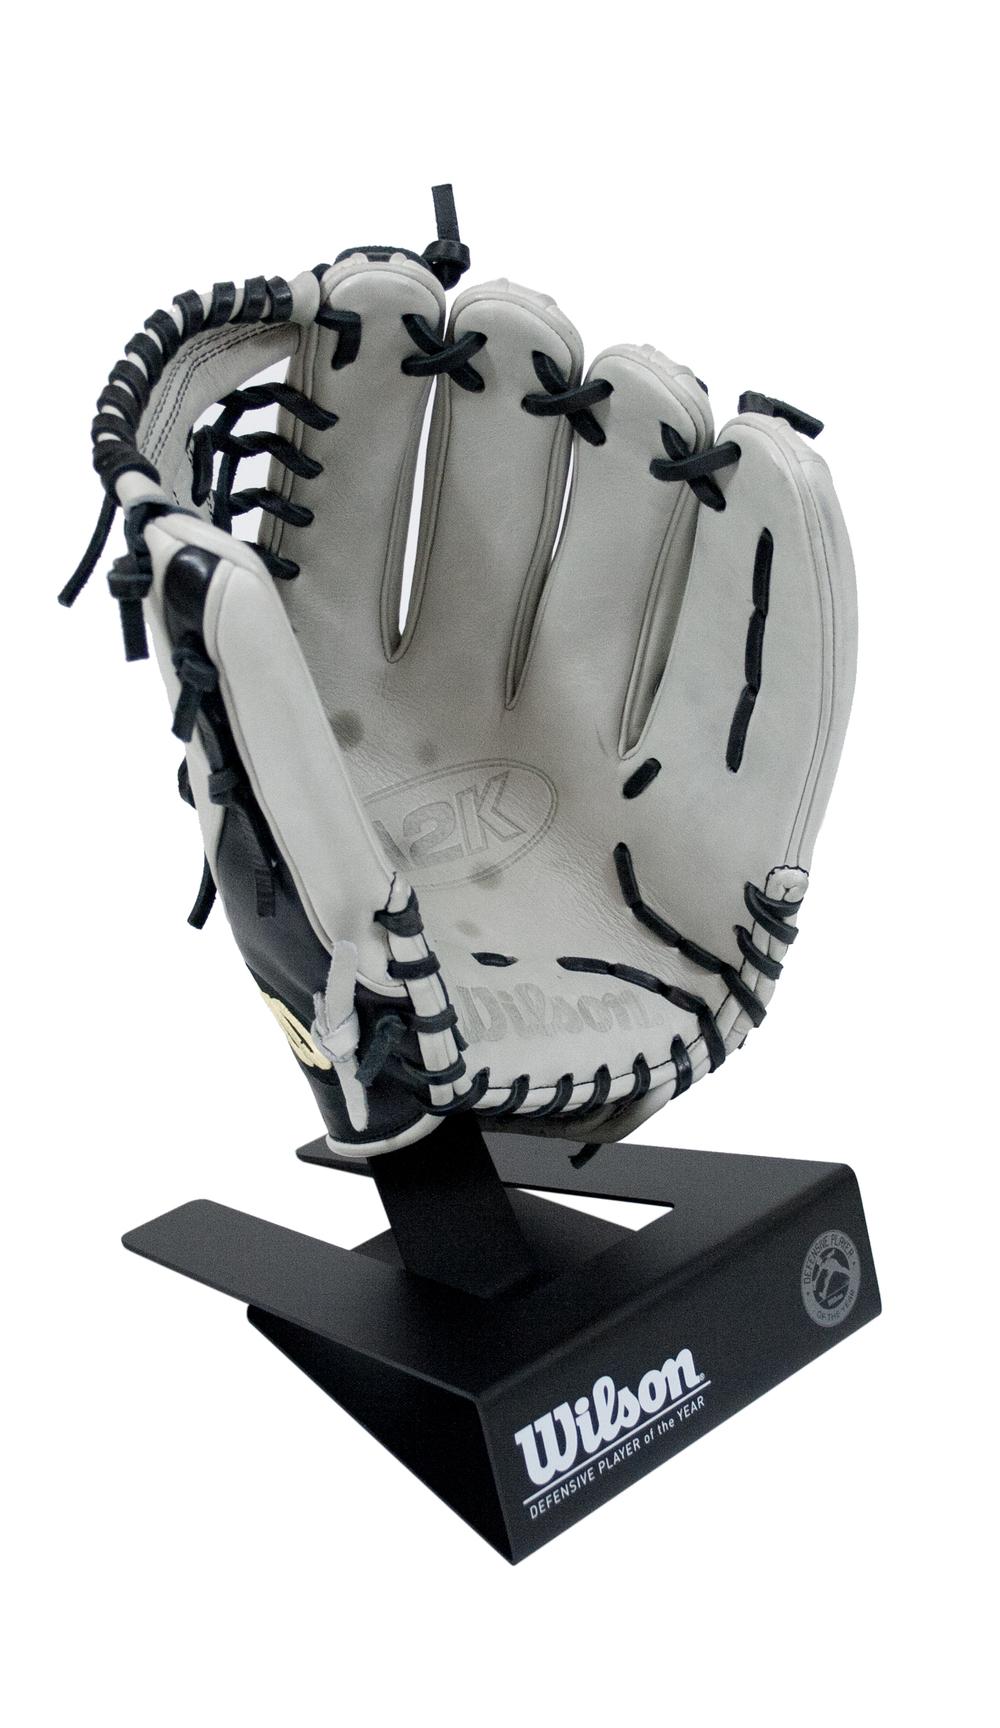 wilson-glove-stand.jpg